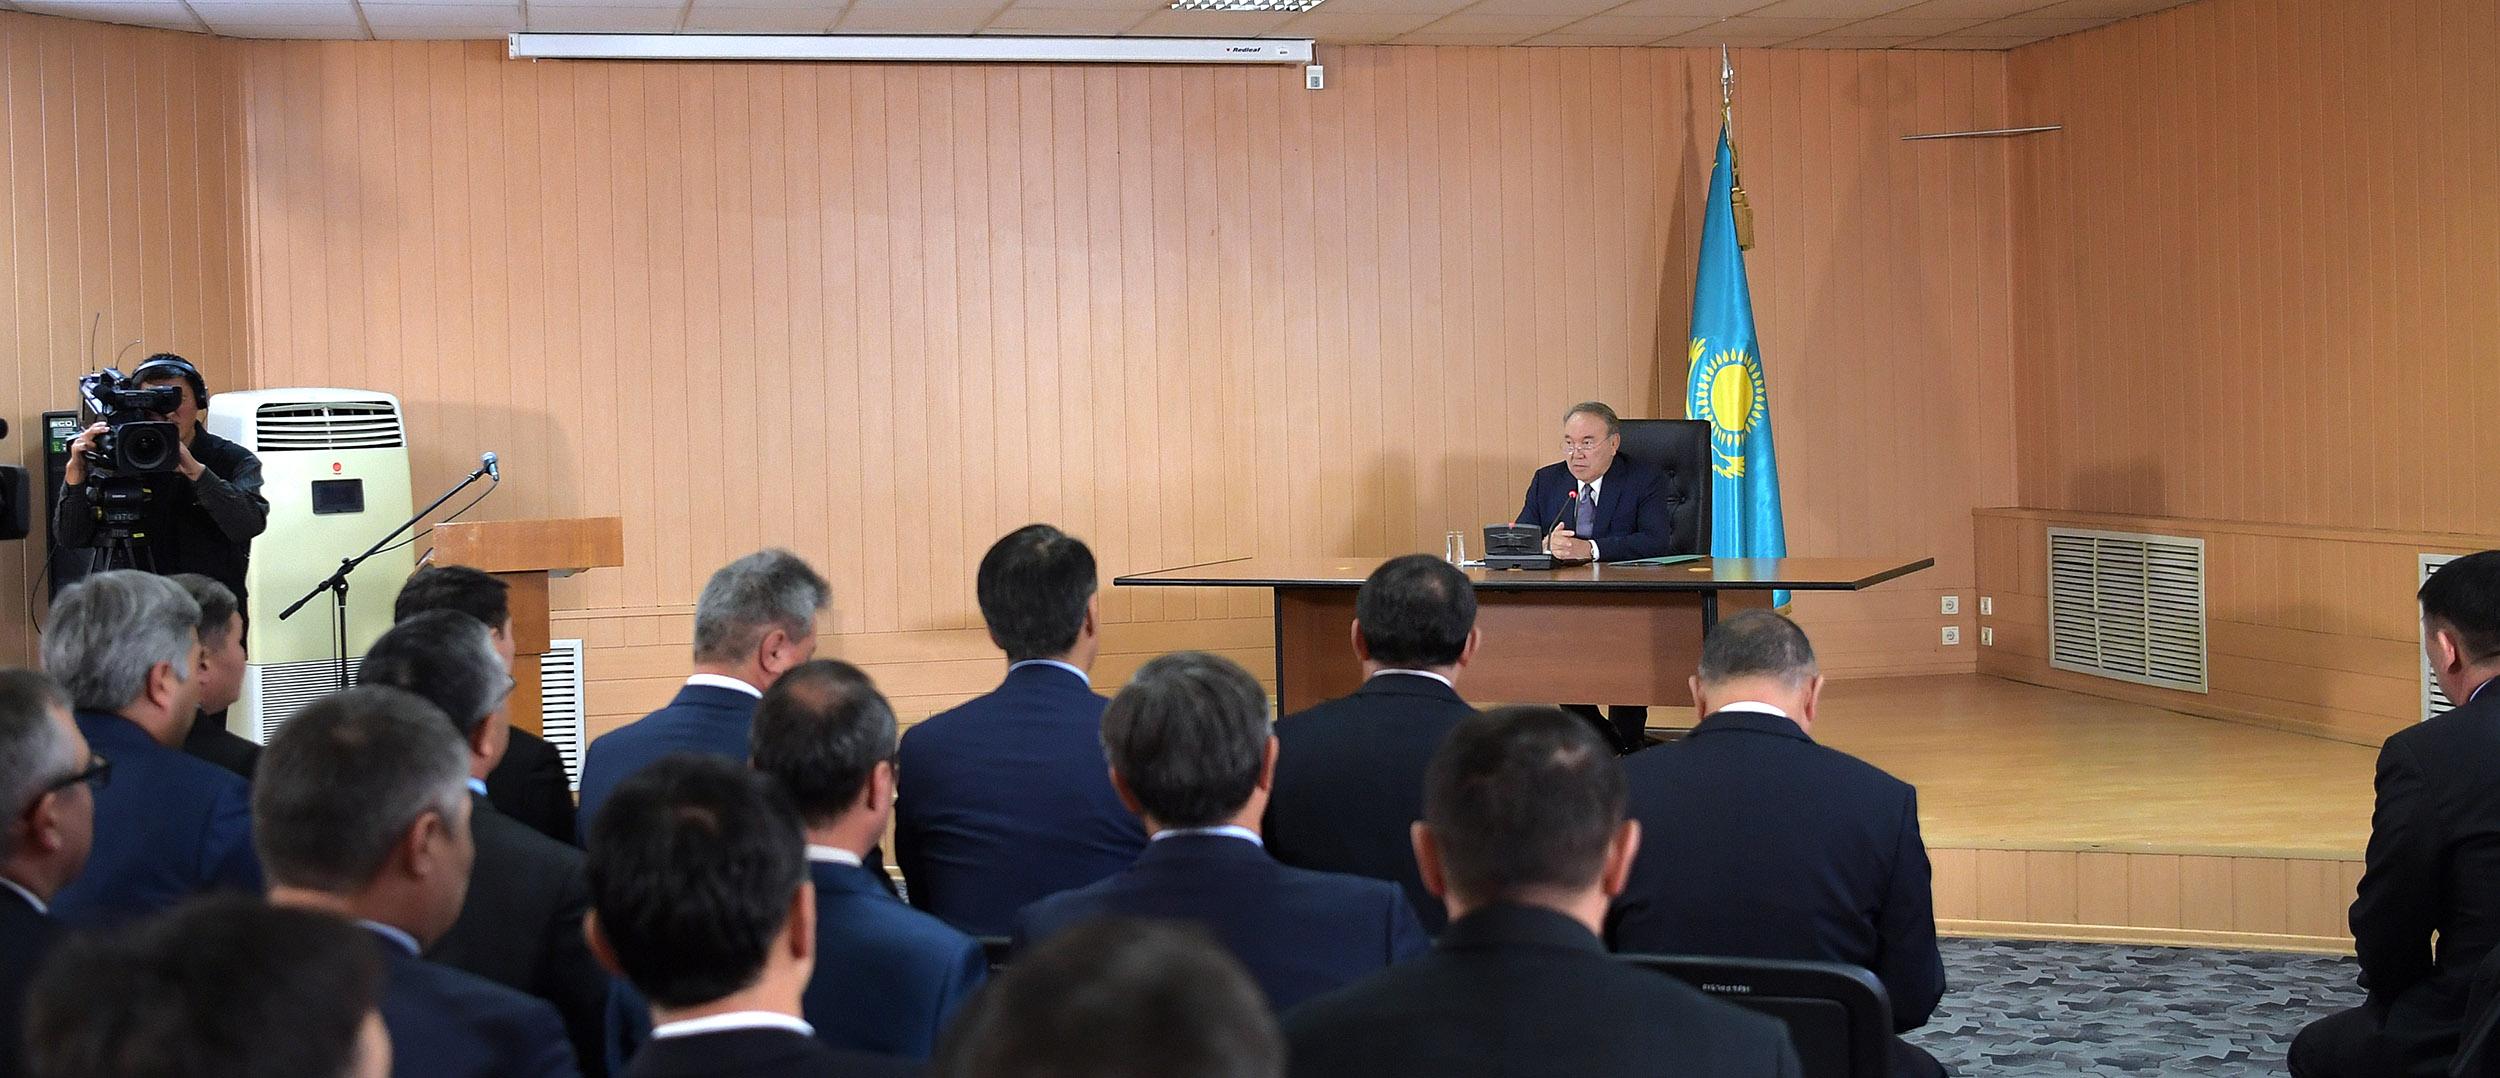 Назарбаев встретился с руководящим составом Службы внешней разведки РК «Сырбар», Назарбаев, Служба внешней разведки РК «Сырбар»